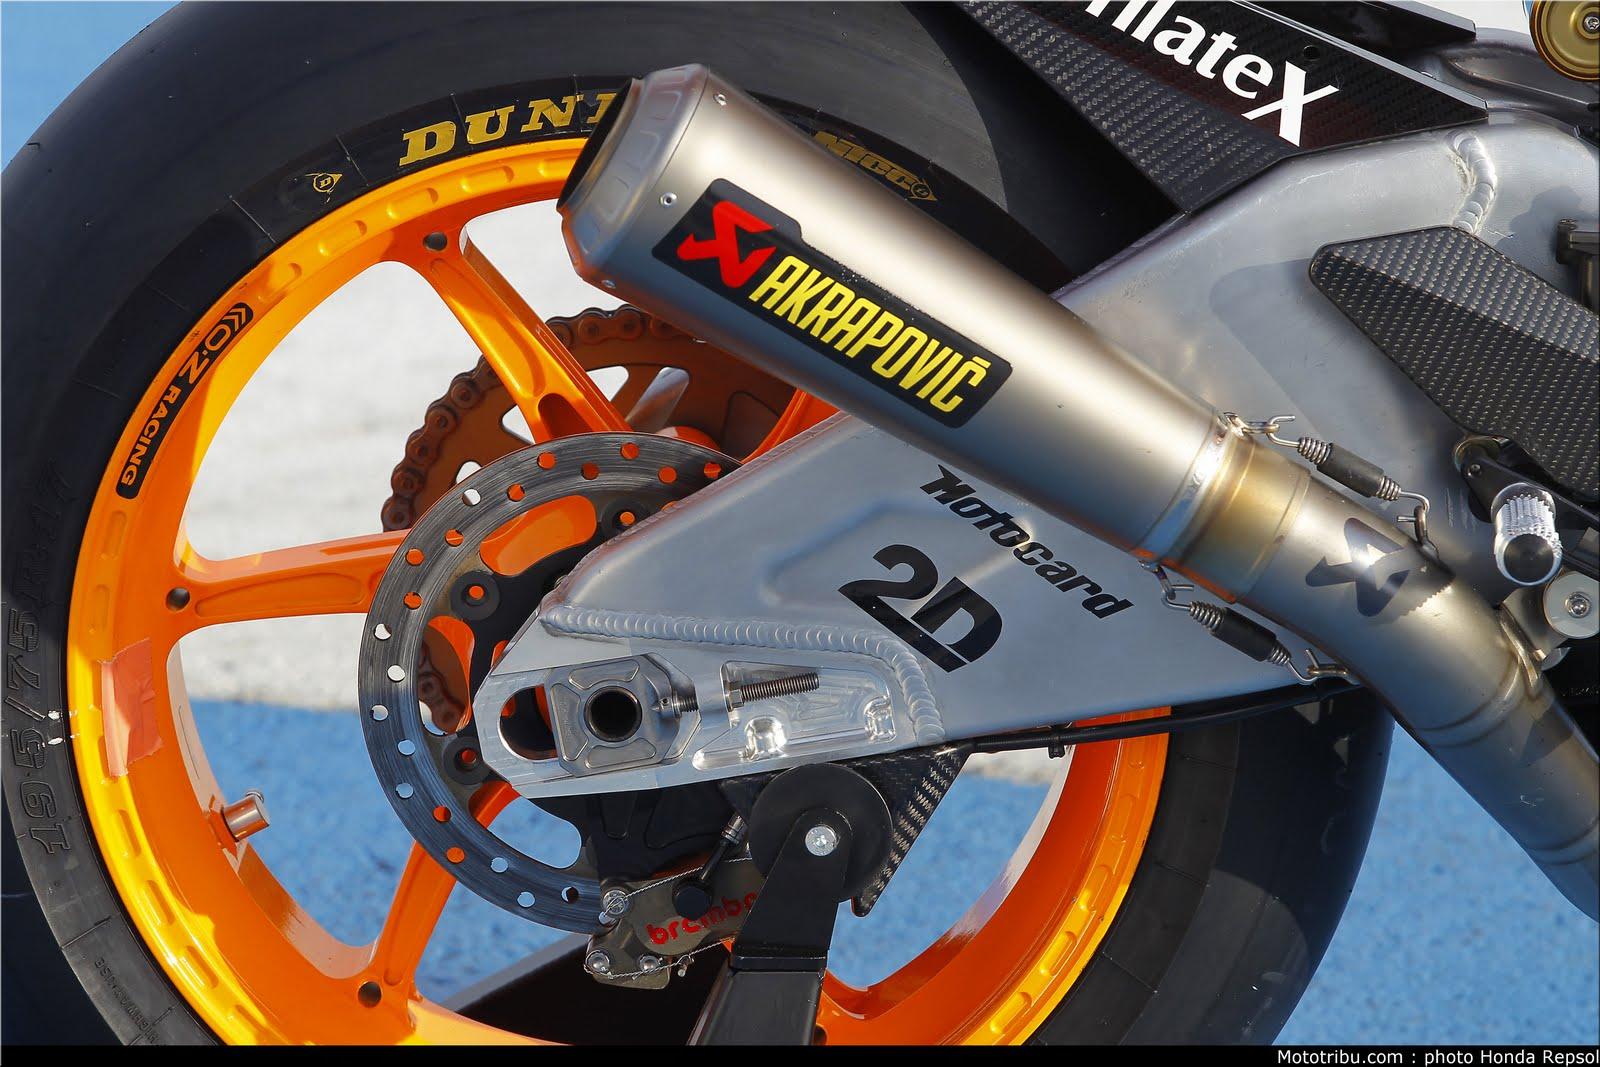 Machines de courses ( Race bikes ) - Page 6 Suter%2BMMX%2BMarquez%2B2011%2B06